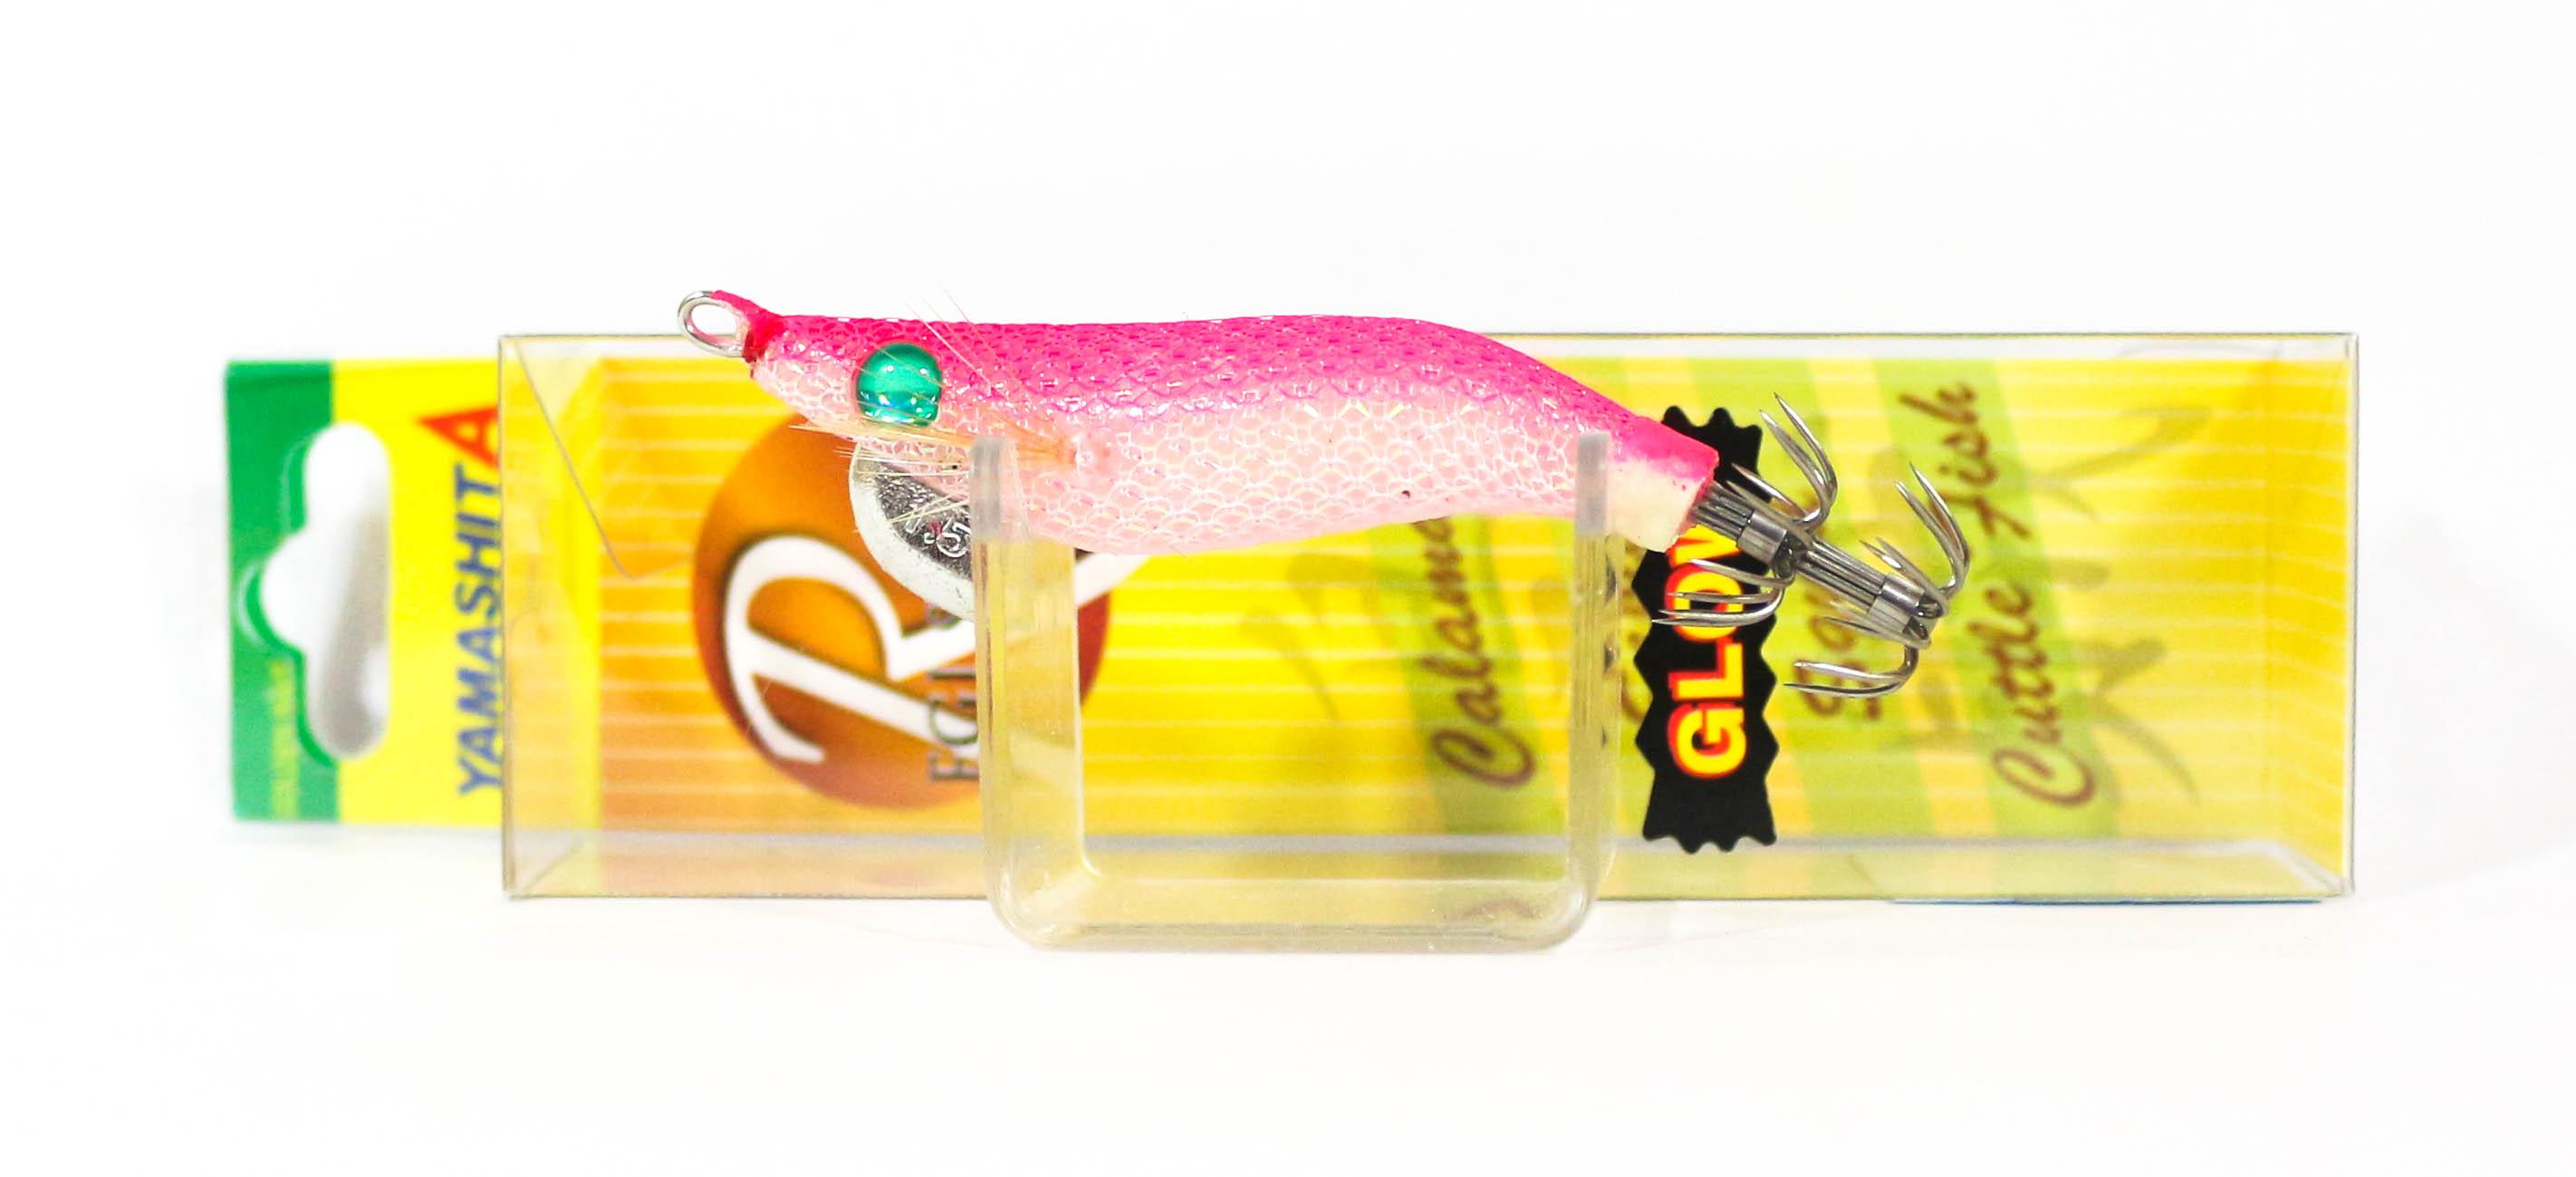 Yamashita Egi Sutte-R Squid Jig 1.5 N 3 grams 8-9 sec per meter F/RP (3332)